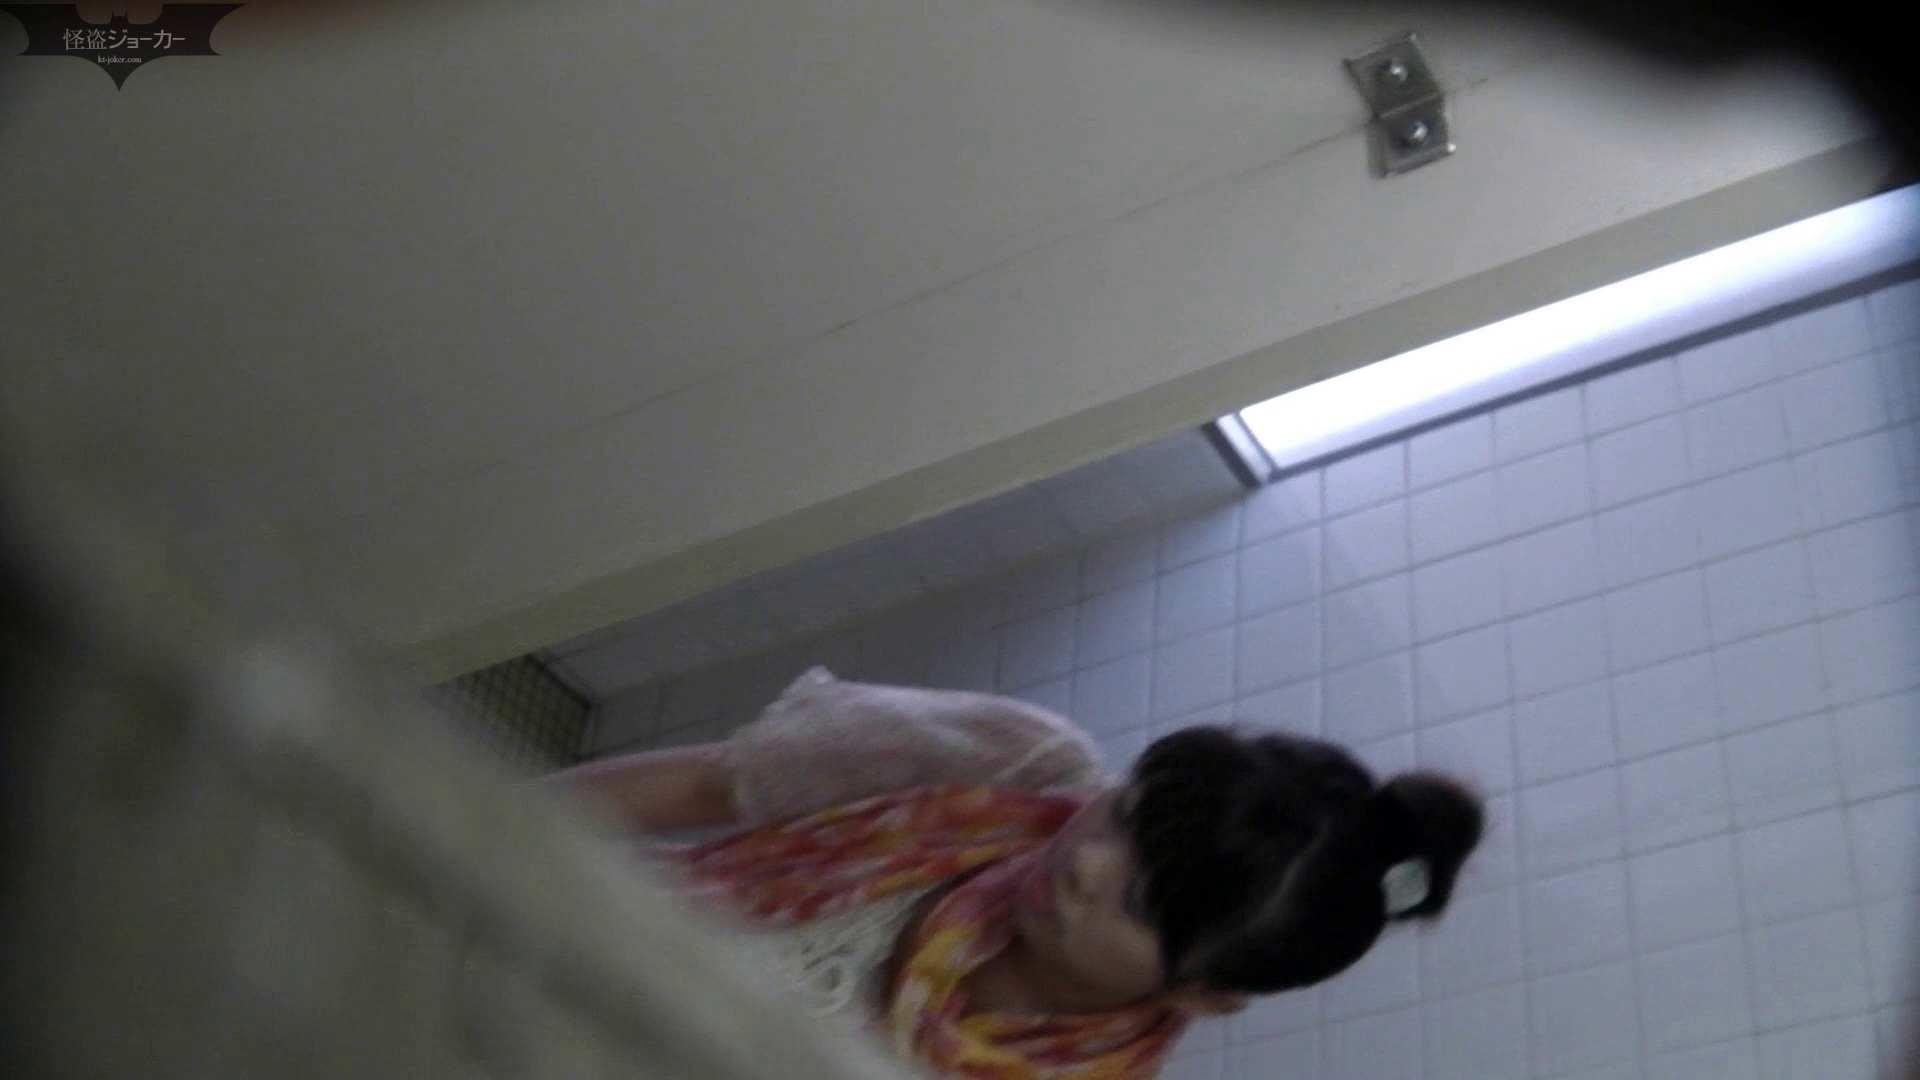 【美しき個室な世界】洗面所特攻隊 vol.046 更に進化【2015・07位】 お姉さんのSEX SEX無修正画像 96枚 70